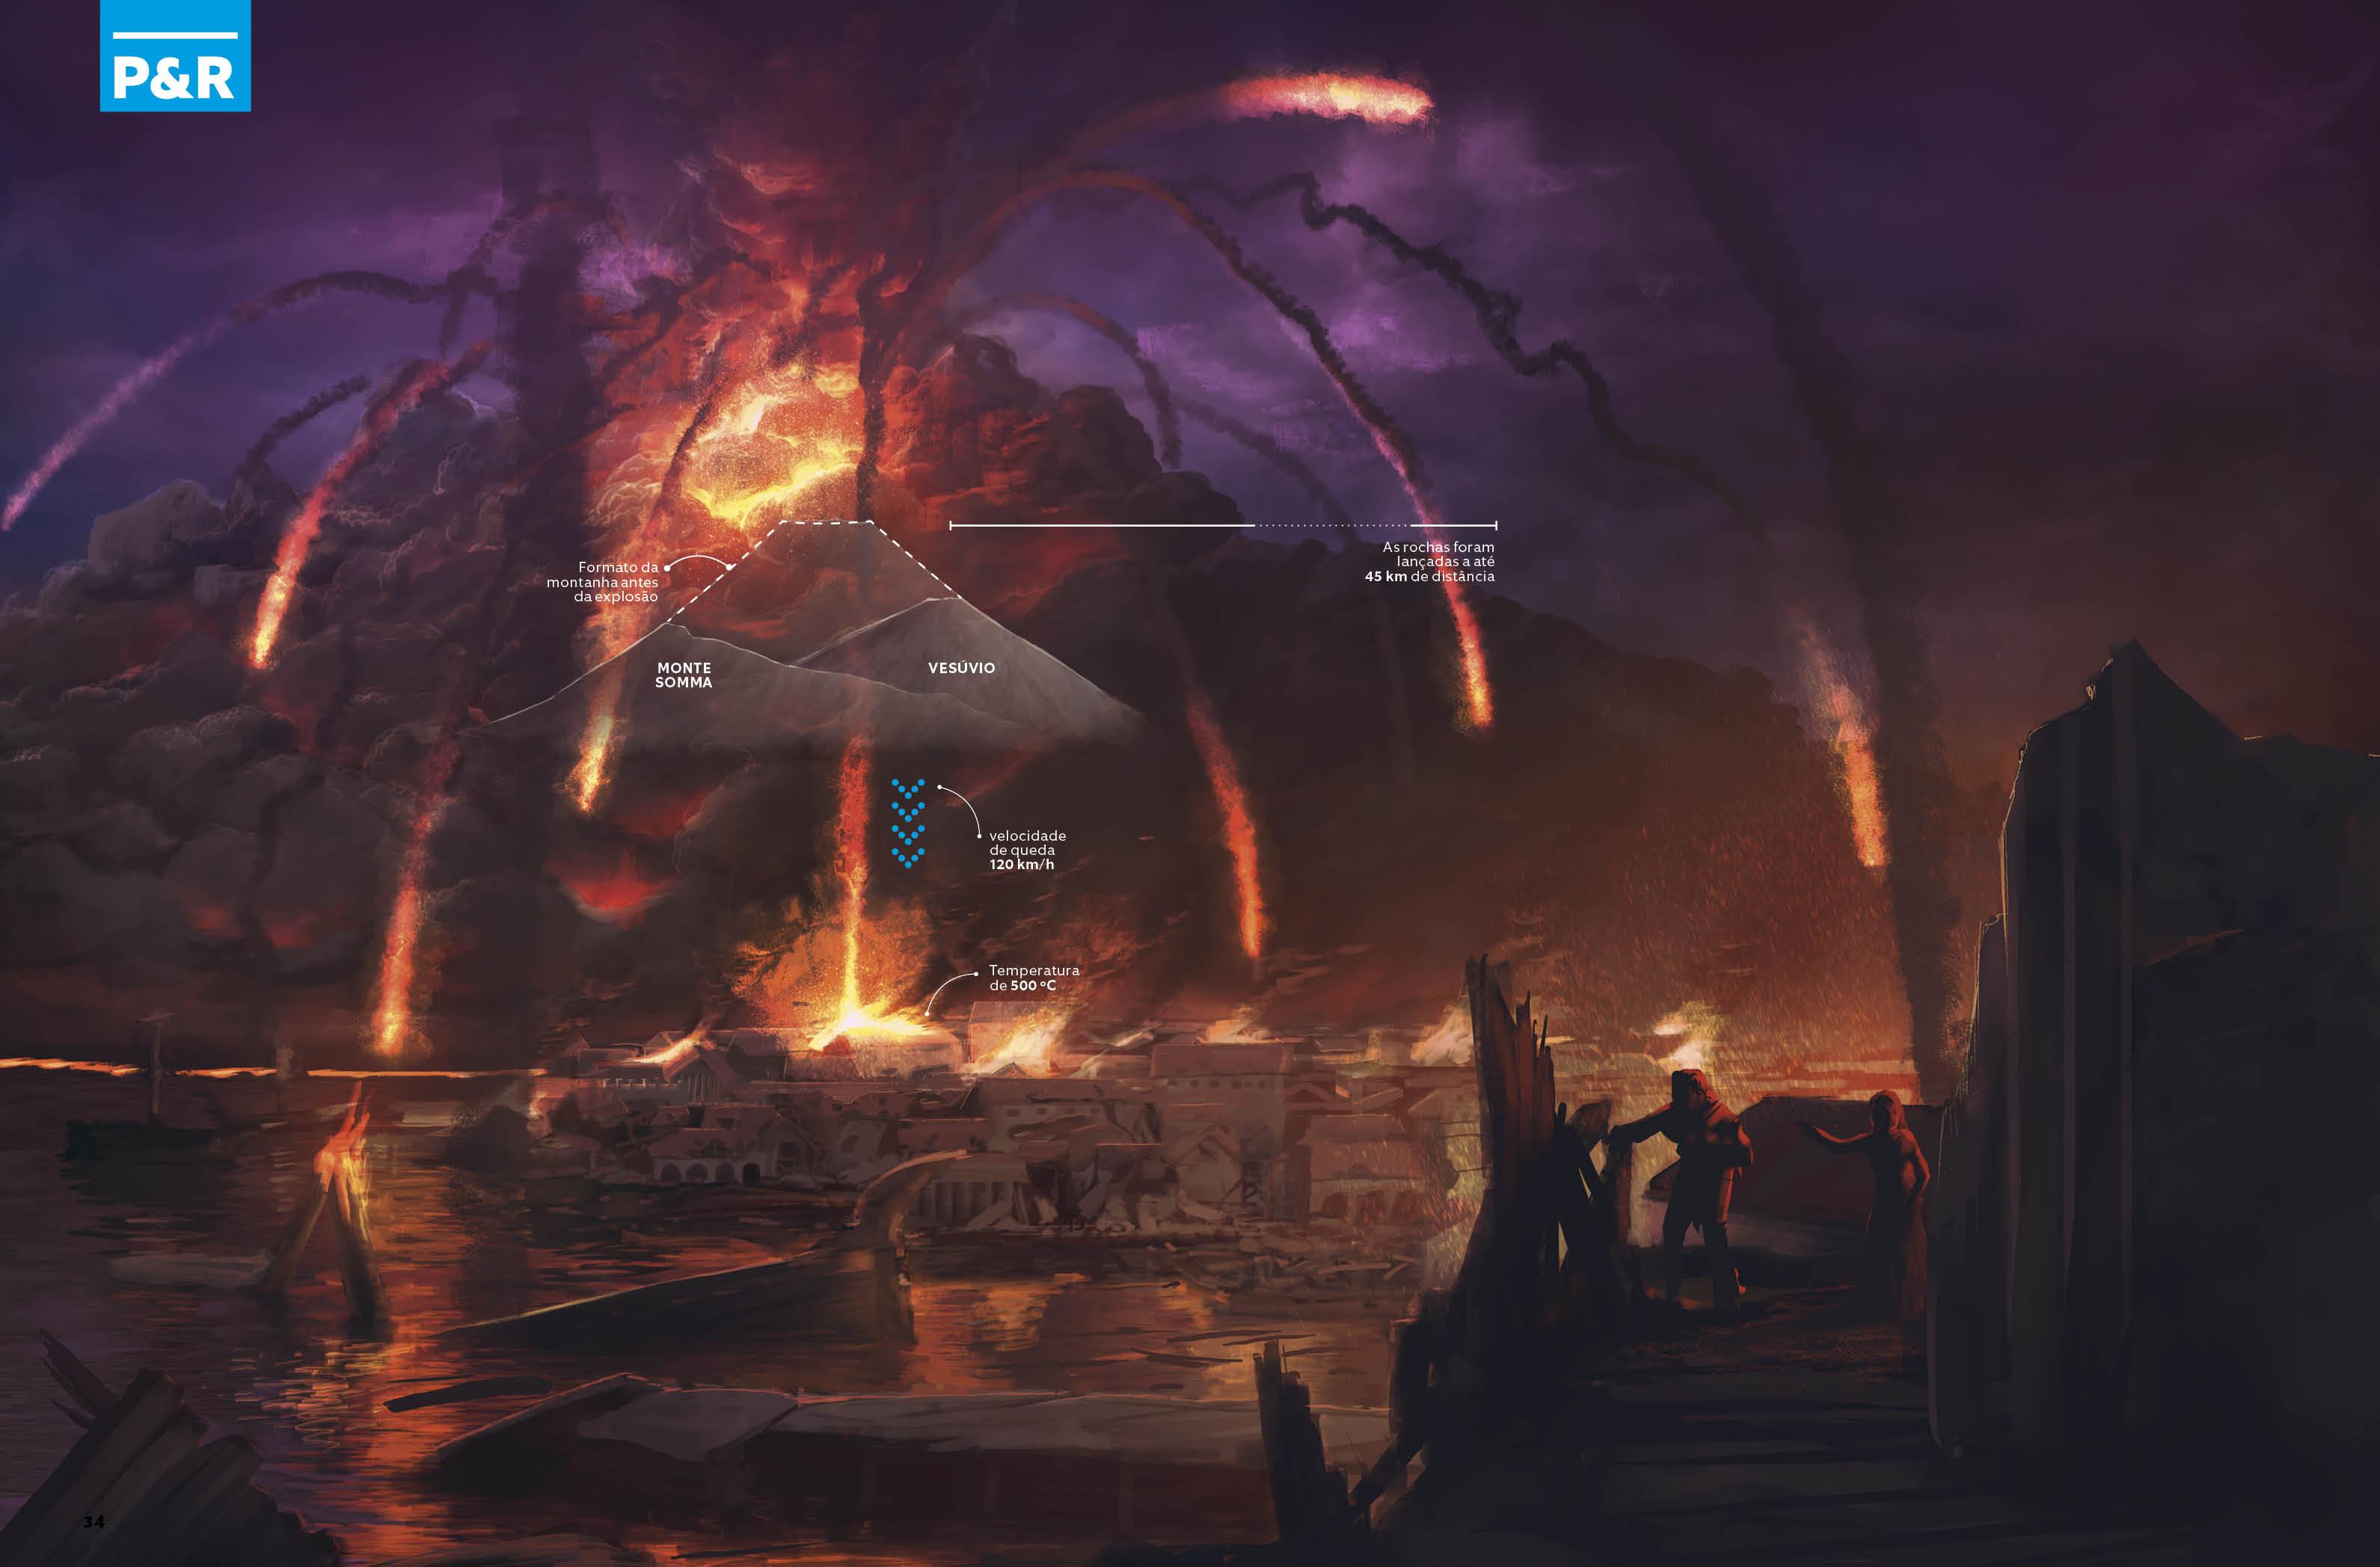 erupcao do vesuvio - infos